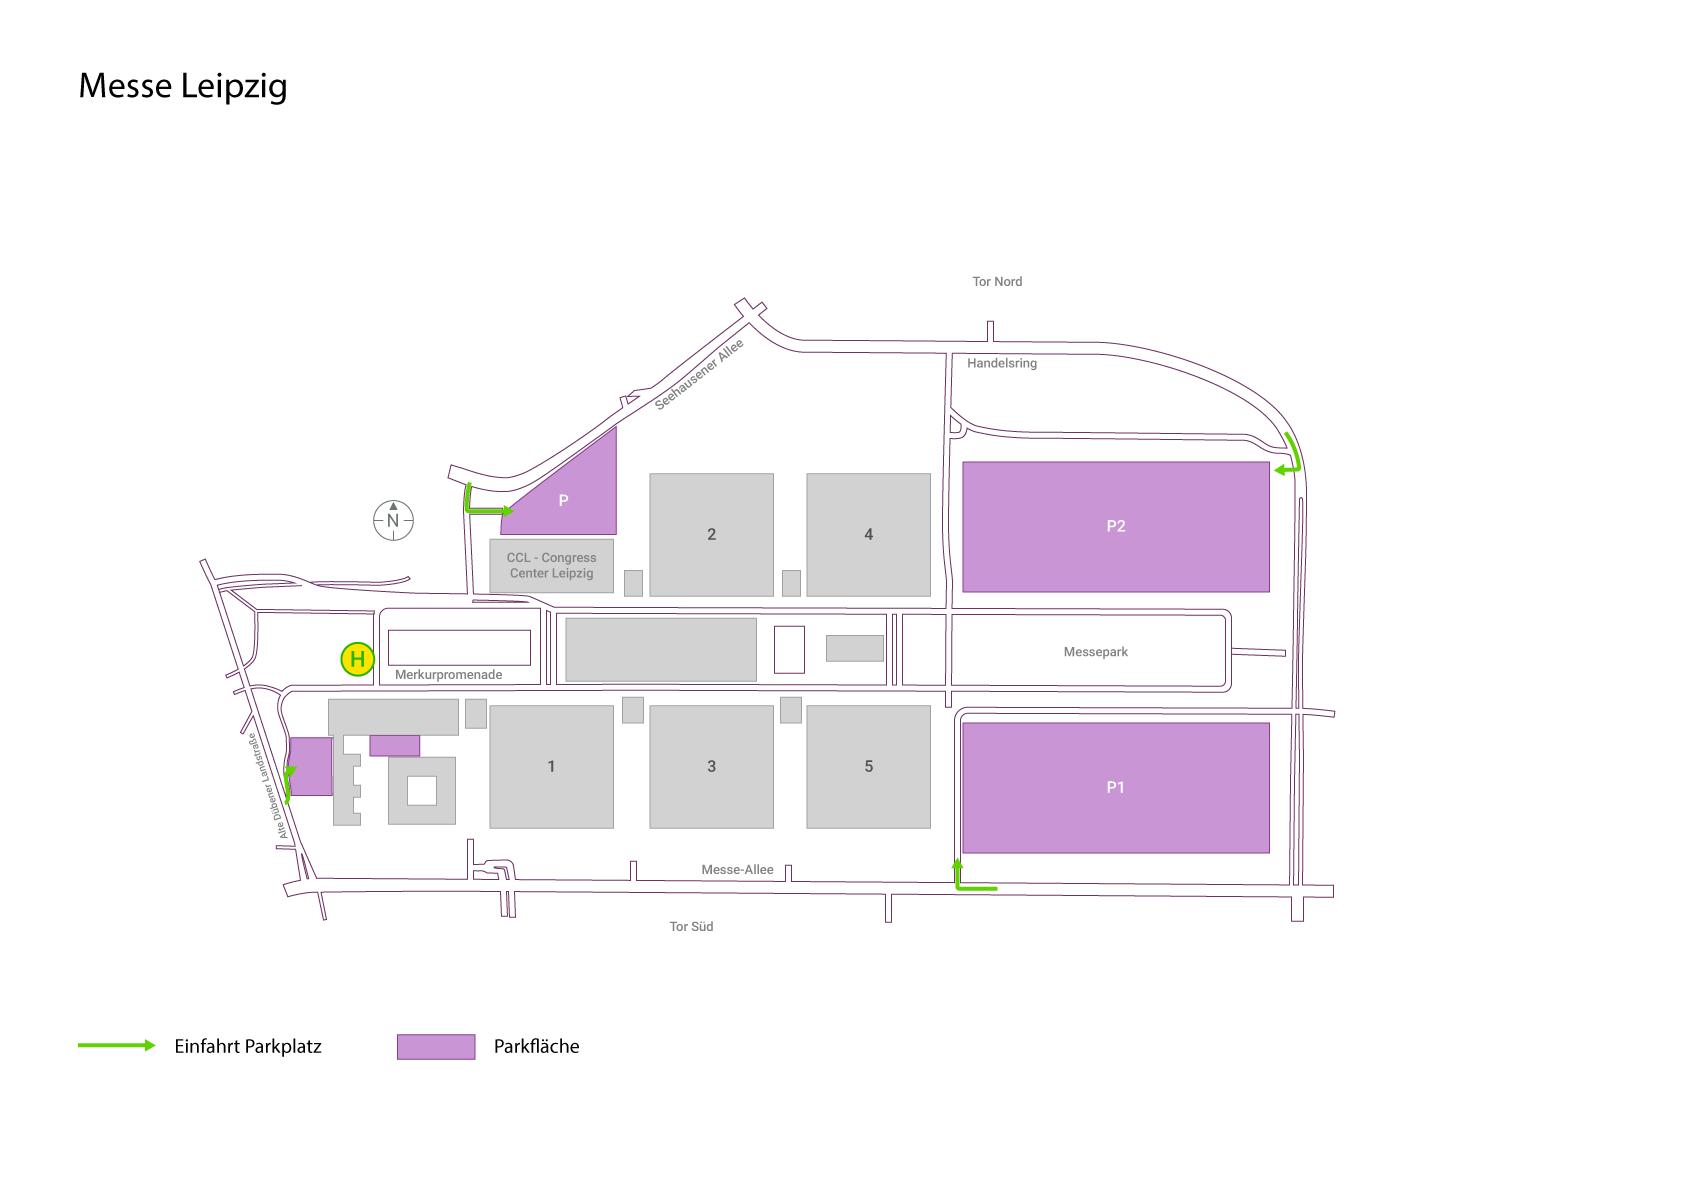 Umweltzone Leipzig Karte.Messe Leipzig Infos Zu Anfahrt Parken Hotels Instaff